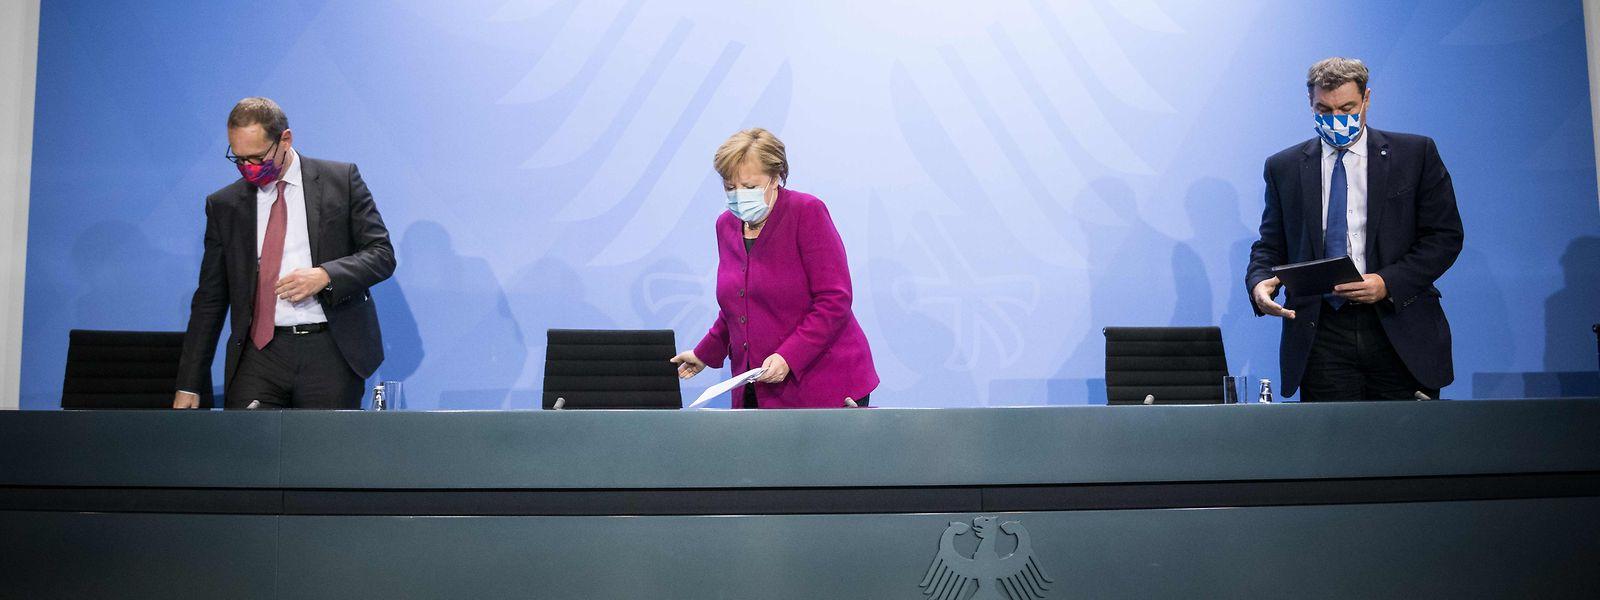 A chanceler Angela Merkel, o mayor de Berlim, Michael Mueller (à esquerda), e o presidente do Estado da Bavária, Markus Soeder, (à direita) na conferência de imprensa sobre a situação da crise sanitária no país, esta quarta-feira.